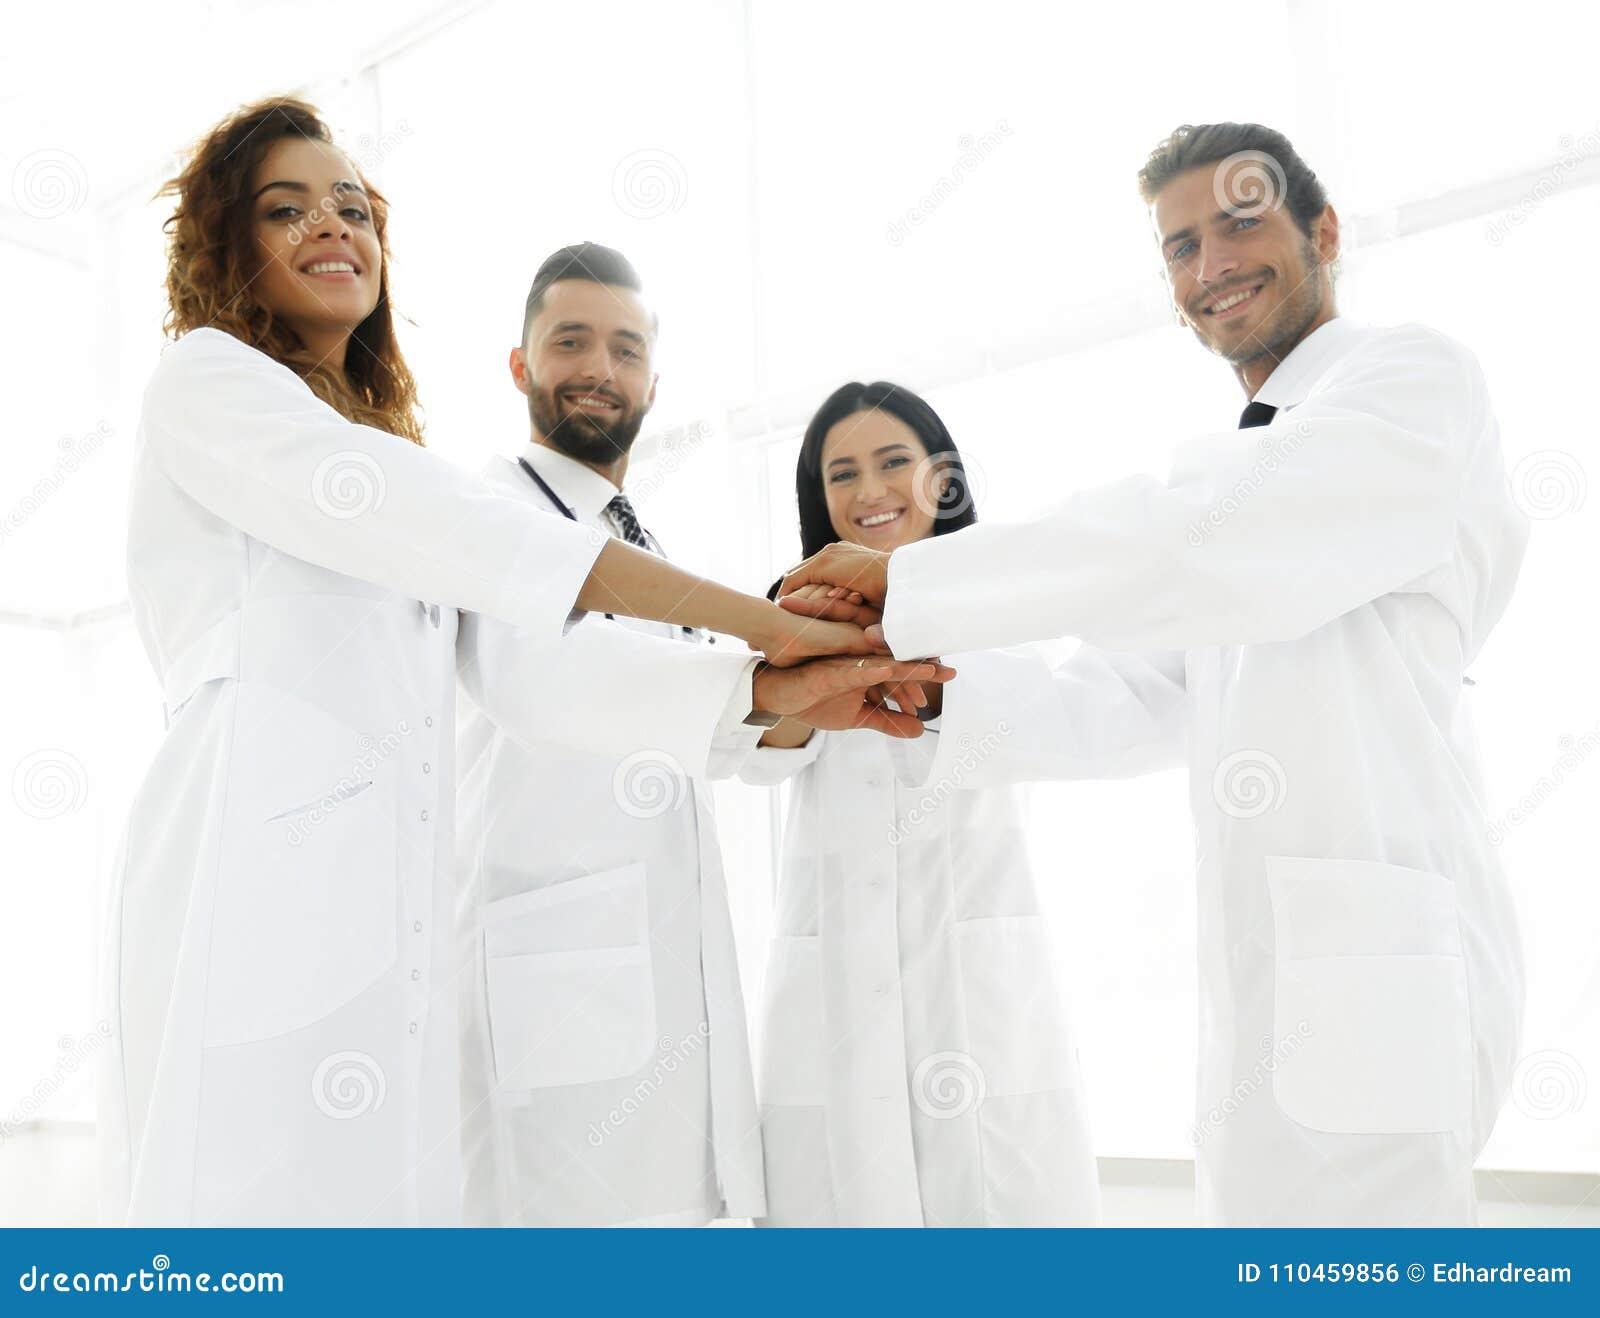 Bakgrundsbild av en grupp av doktorer